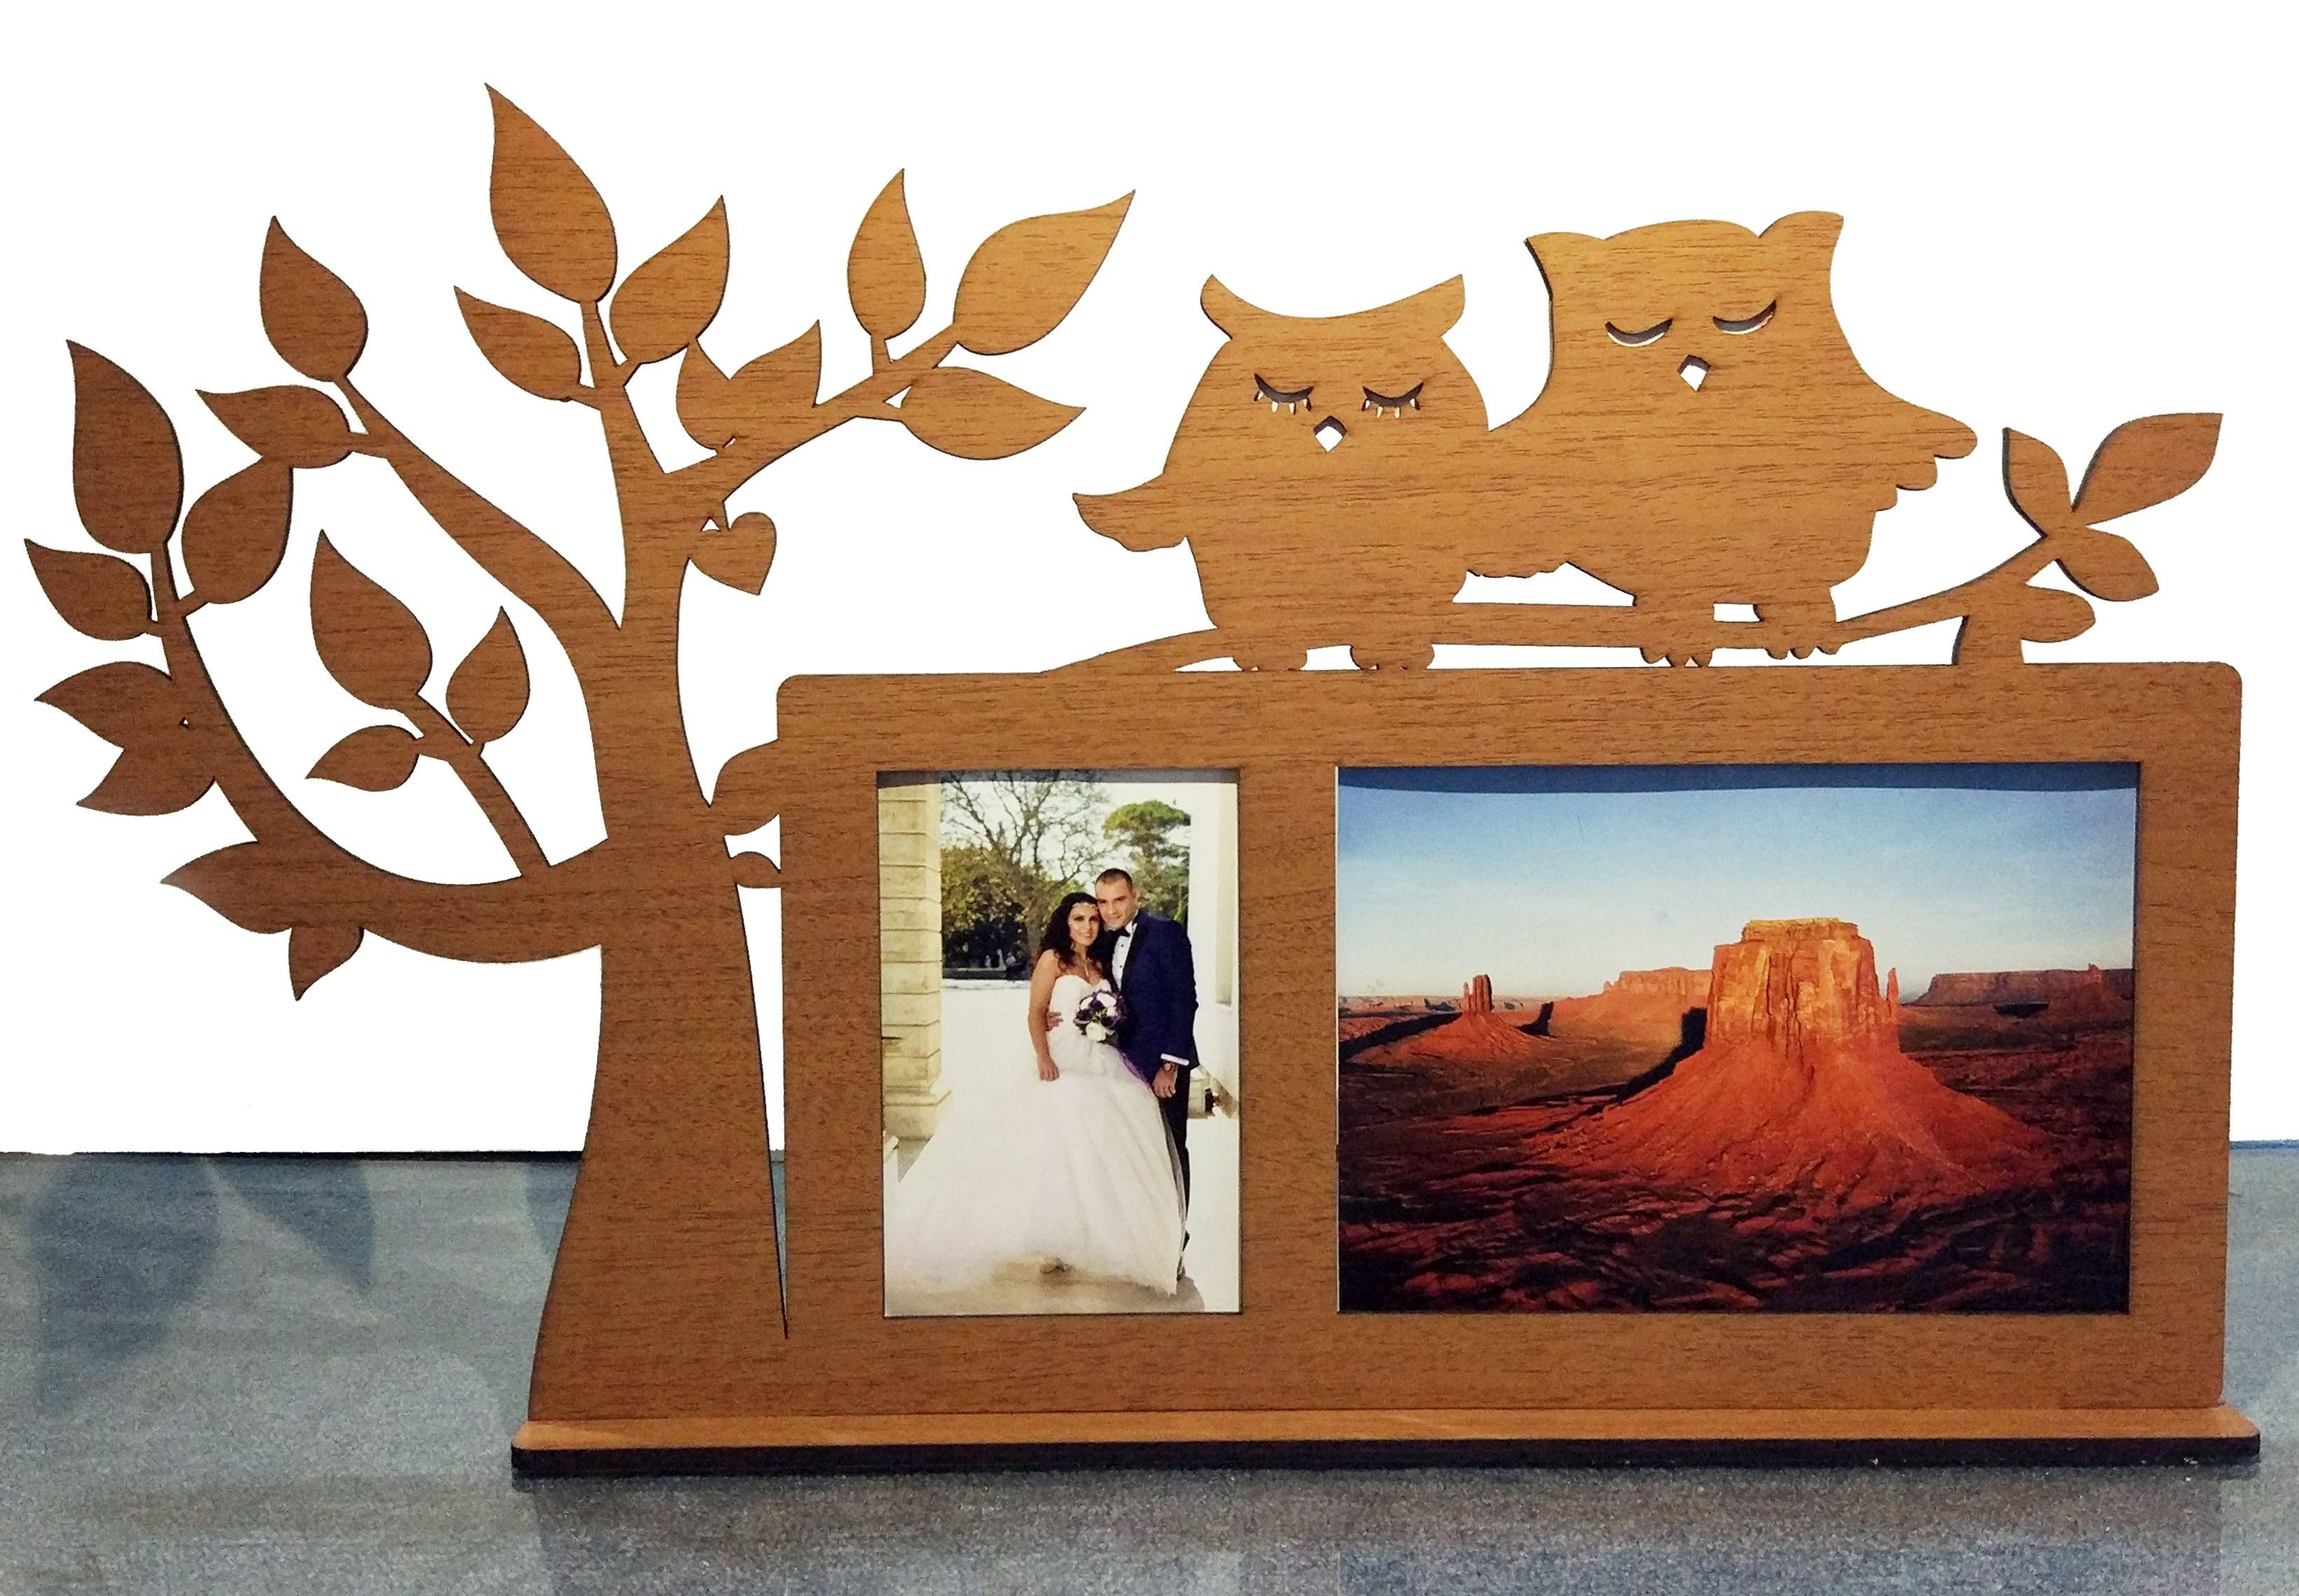 магических лошадей, шаблоны рамок для фотографий из фанеры каждая семья